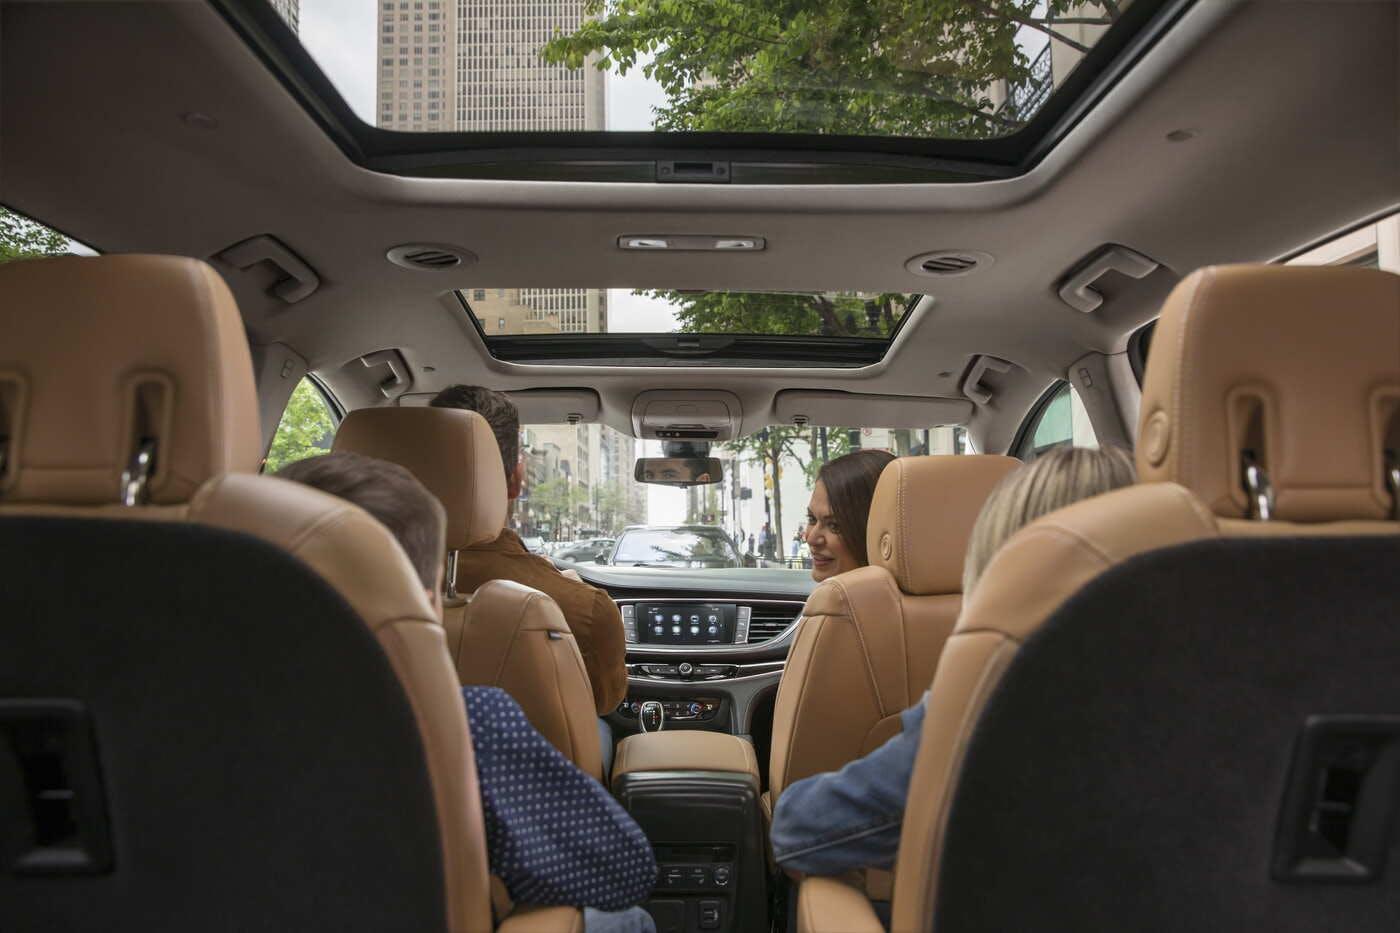 2019 Buick Enclave Comparisons Reviews Pictures Truecar